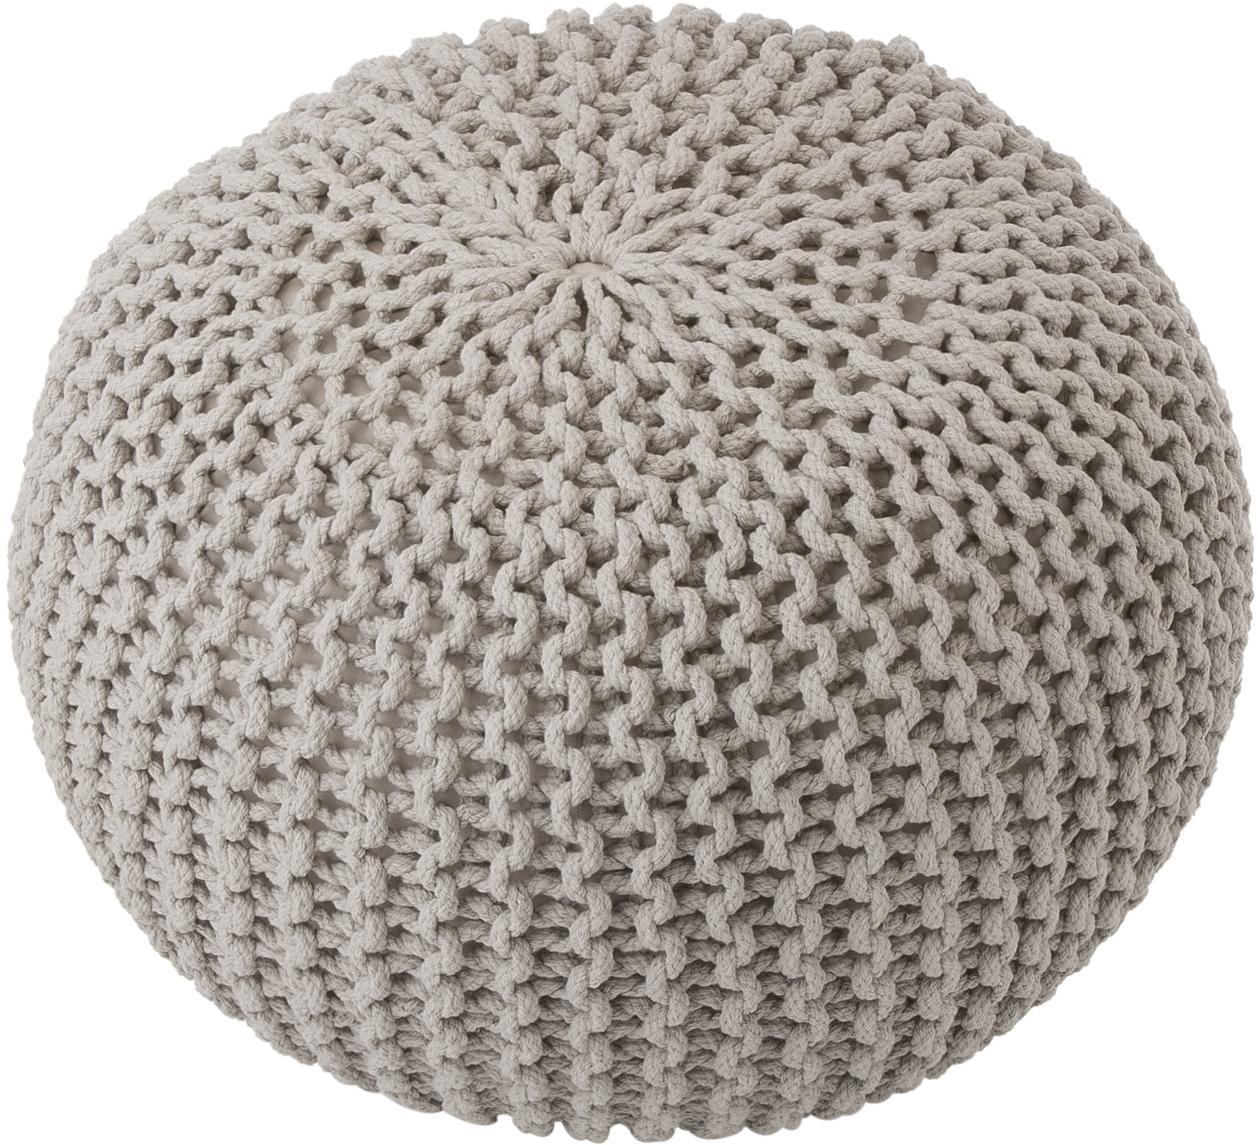 Handgefertigter Strickpouf Dori, Bezug: 100% Baumwolle, Taupe, Ø 55 x H 35 cm